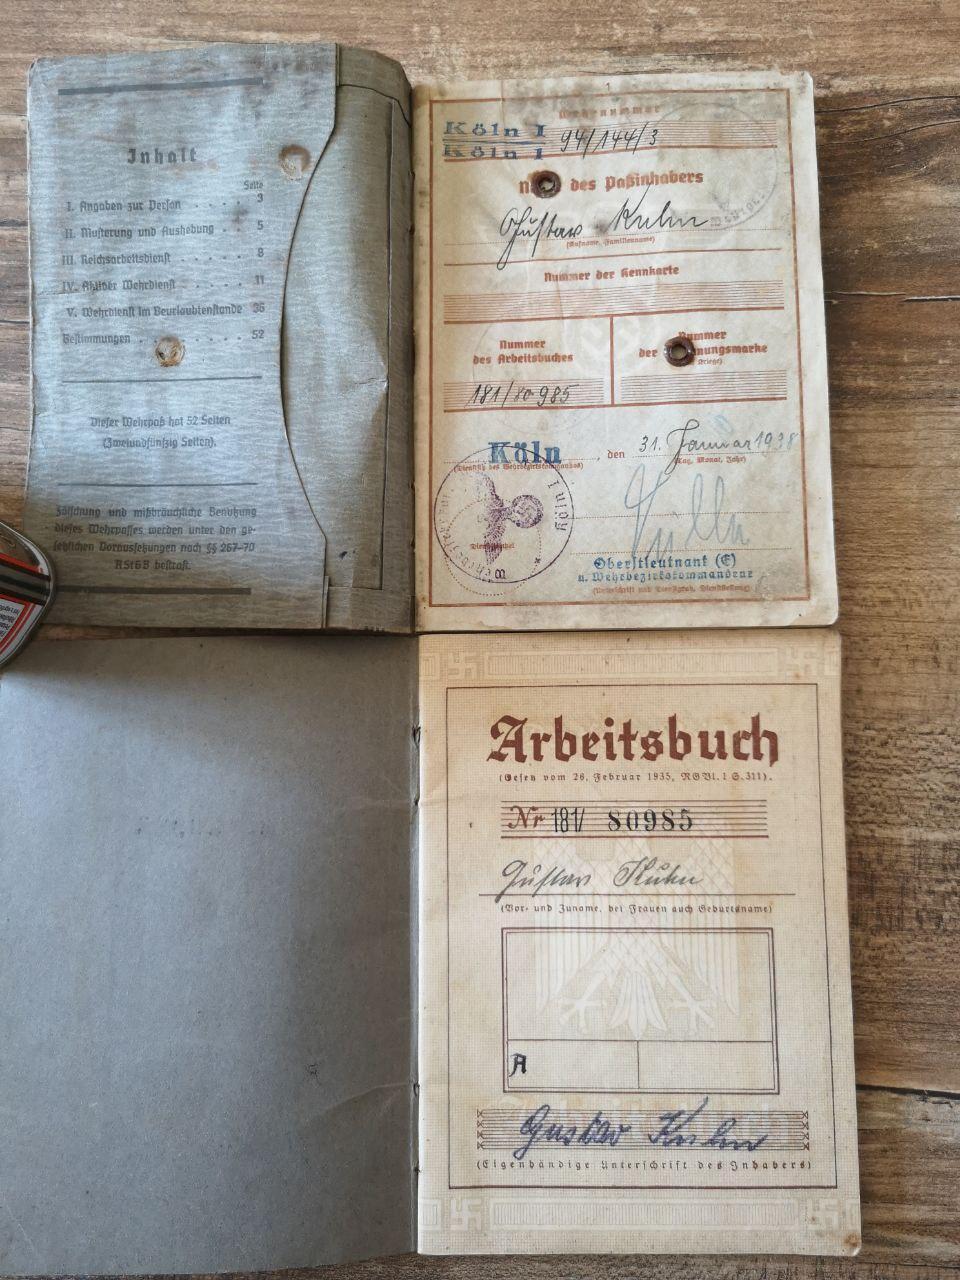 Identif Wehrpass & Arbeitsbuch (Strasbourg) Photo_24